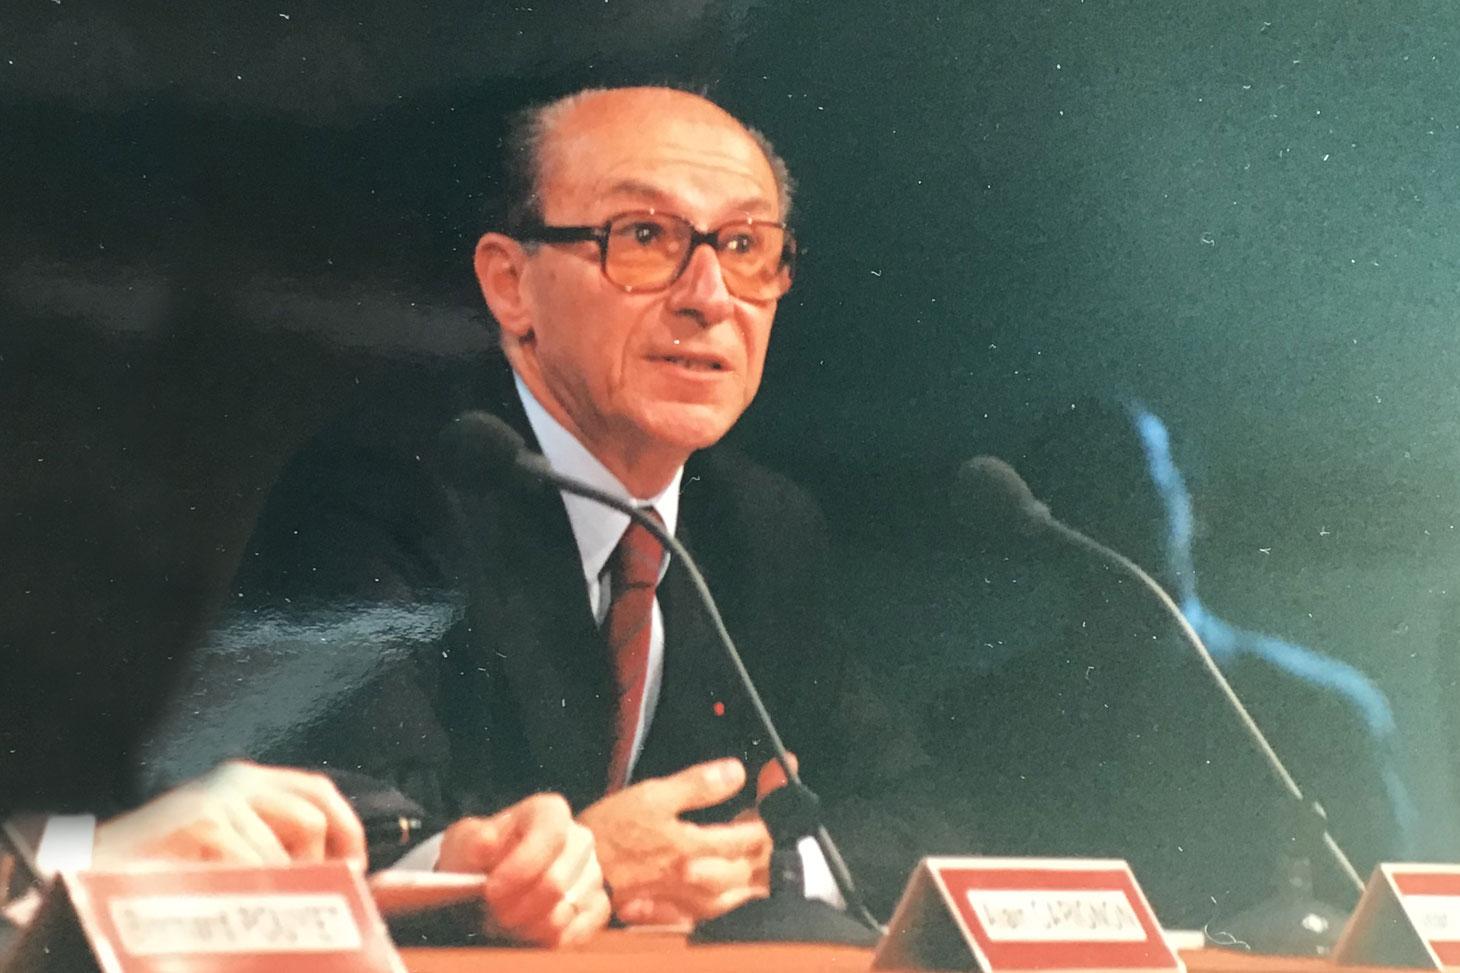 Le professeur Jean-Louis Quermonne, le 18 juin 1991, lors de la cérémonie officielle de dénomination de l'Université Grenoble II, devenue en 1990